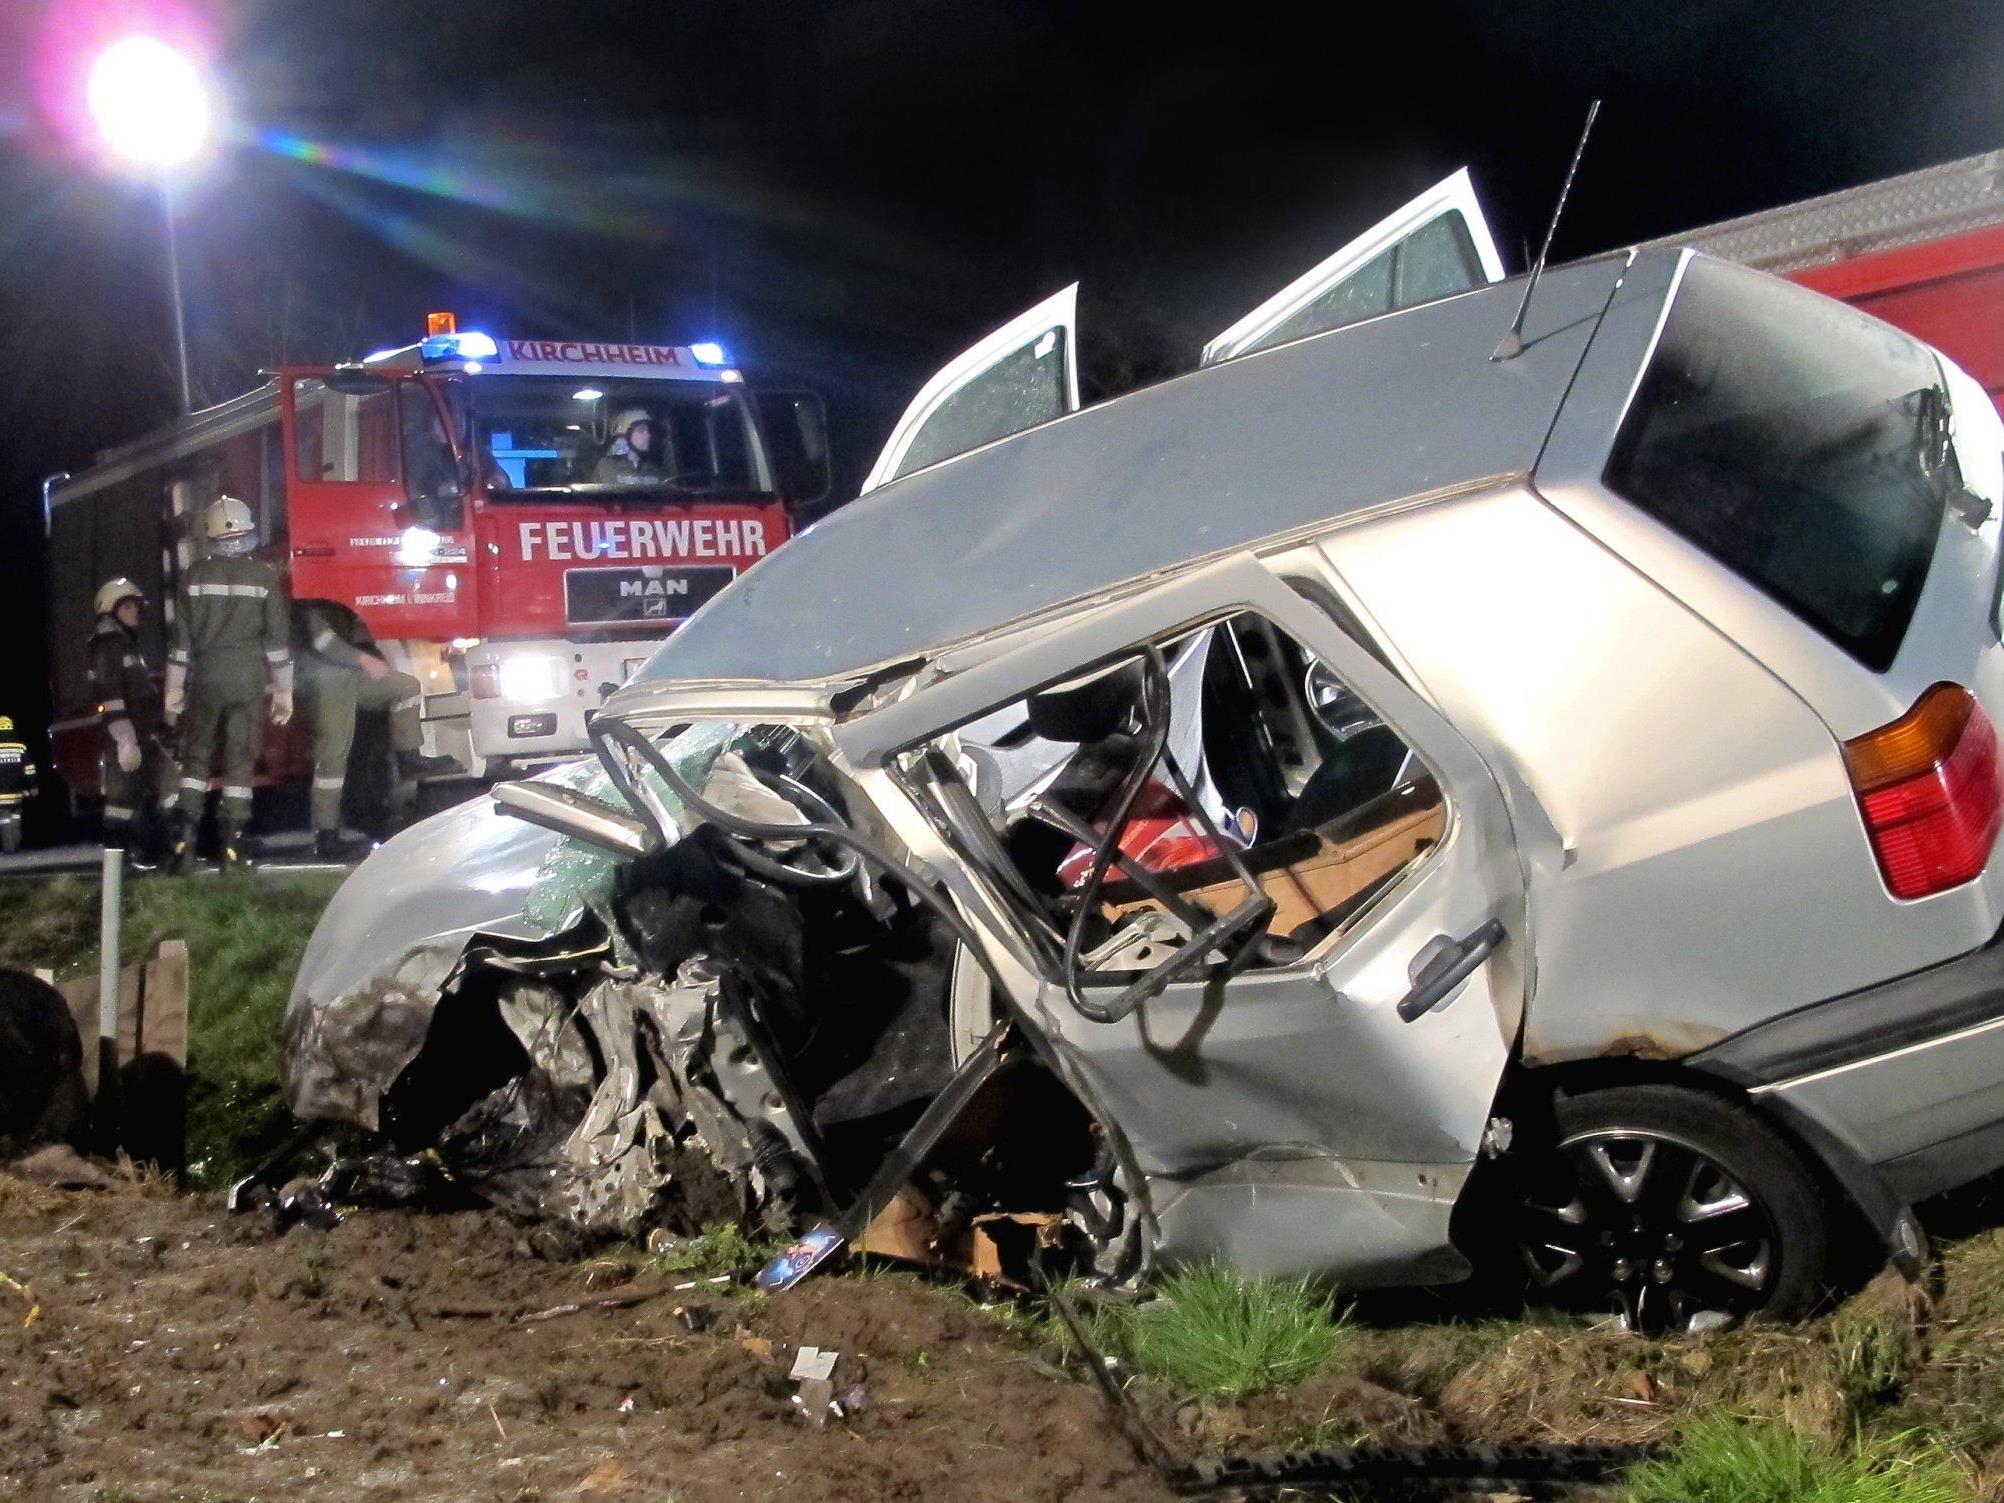 Die junge Pkw-Lenkerin wurde bei dem Unfall schwer verletzt.